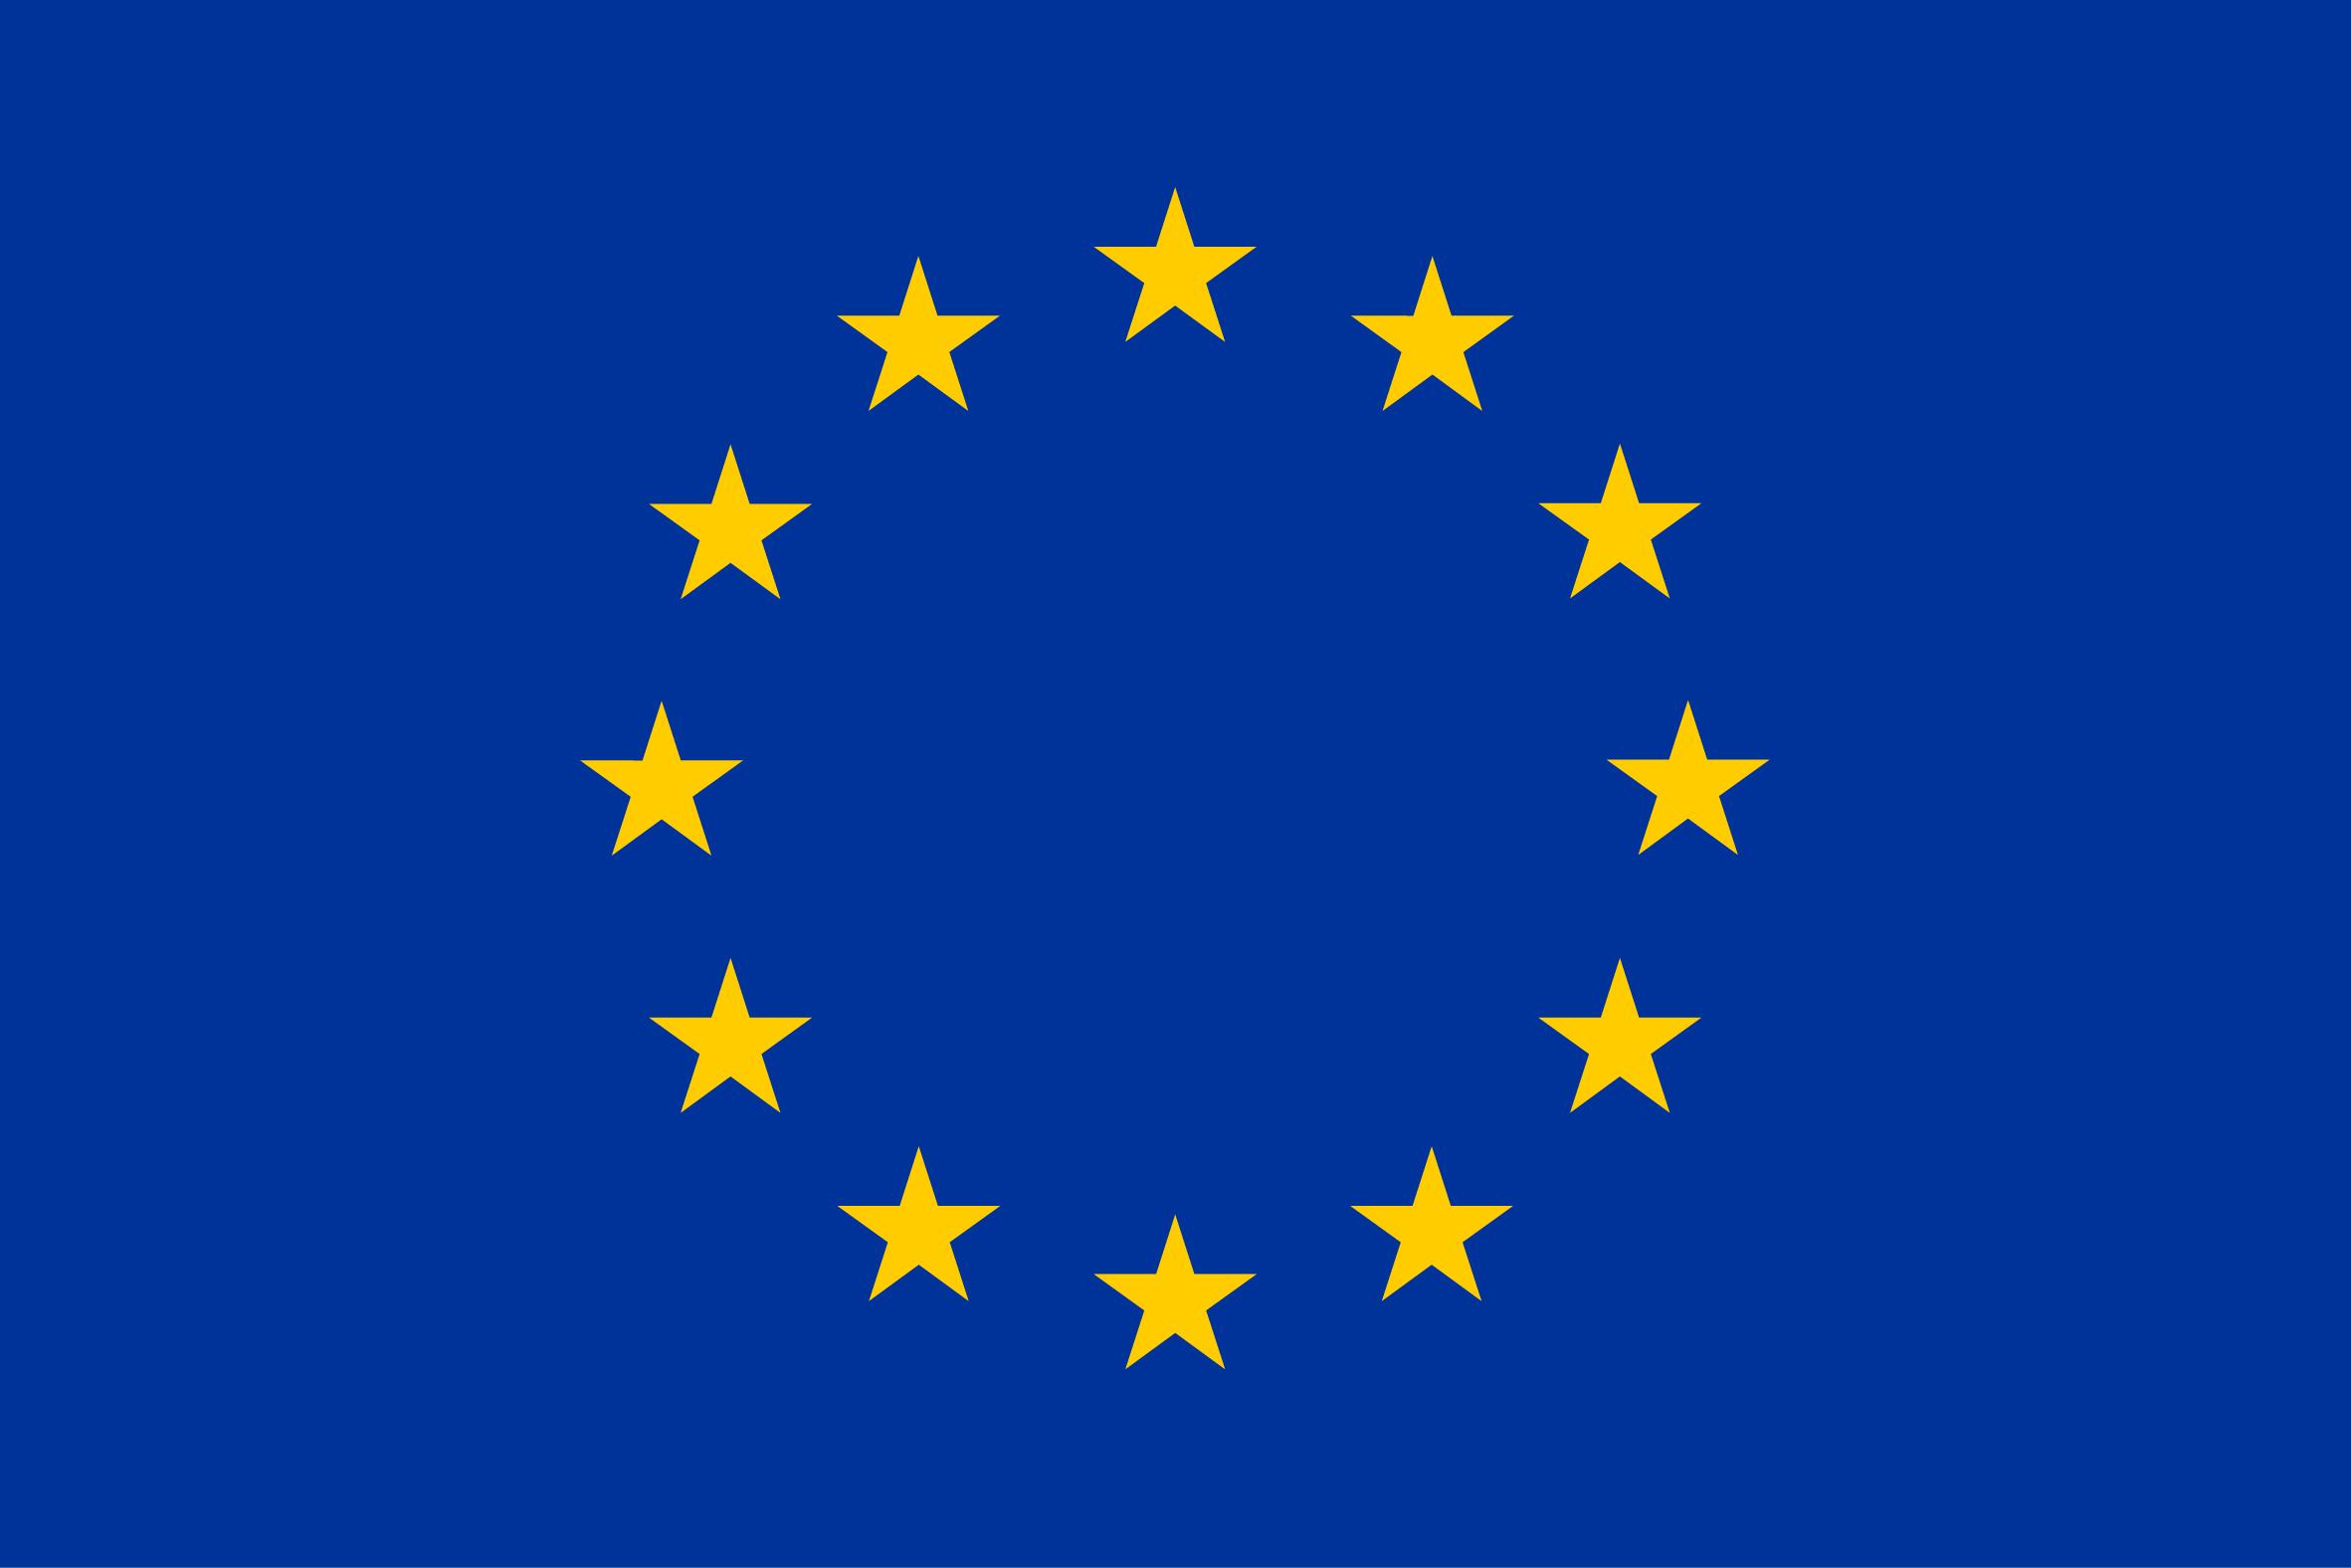 EU-Flagge_hohe_Auflösung.jpg